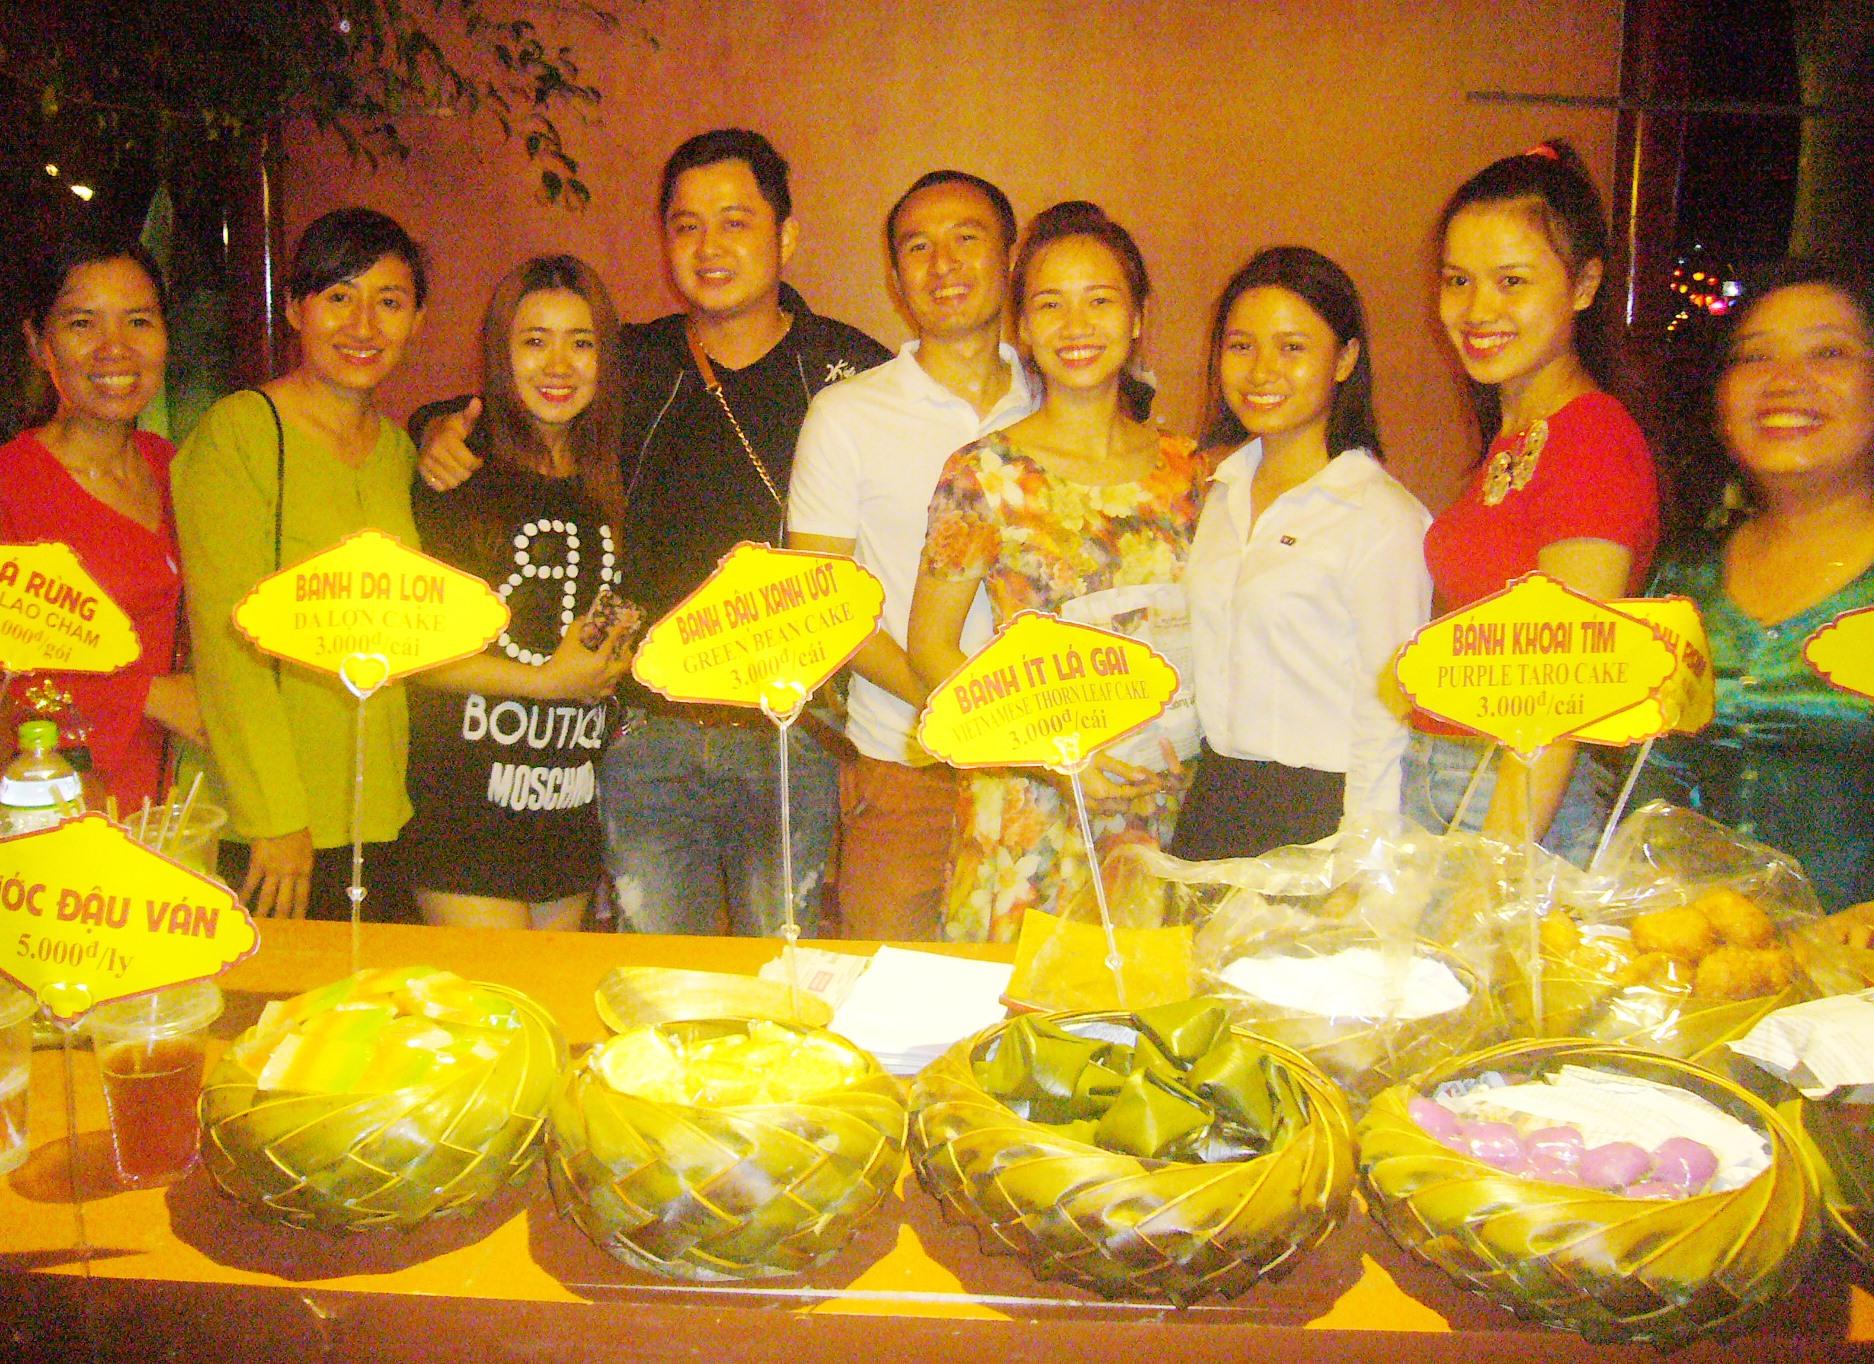 Các món ẩm thực do chị em phụ nữ Hội An chế biến, trưng bày phục vụ nhân dân và du khách.Ảnh: ĐỖ HUẤN